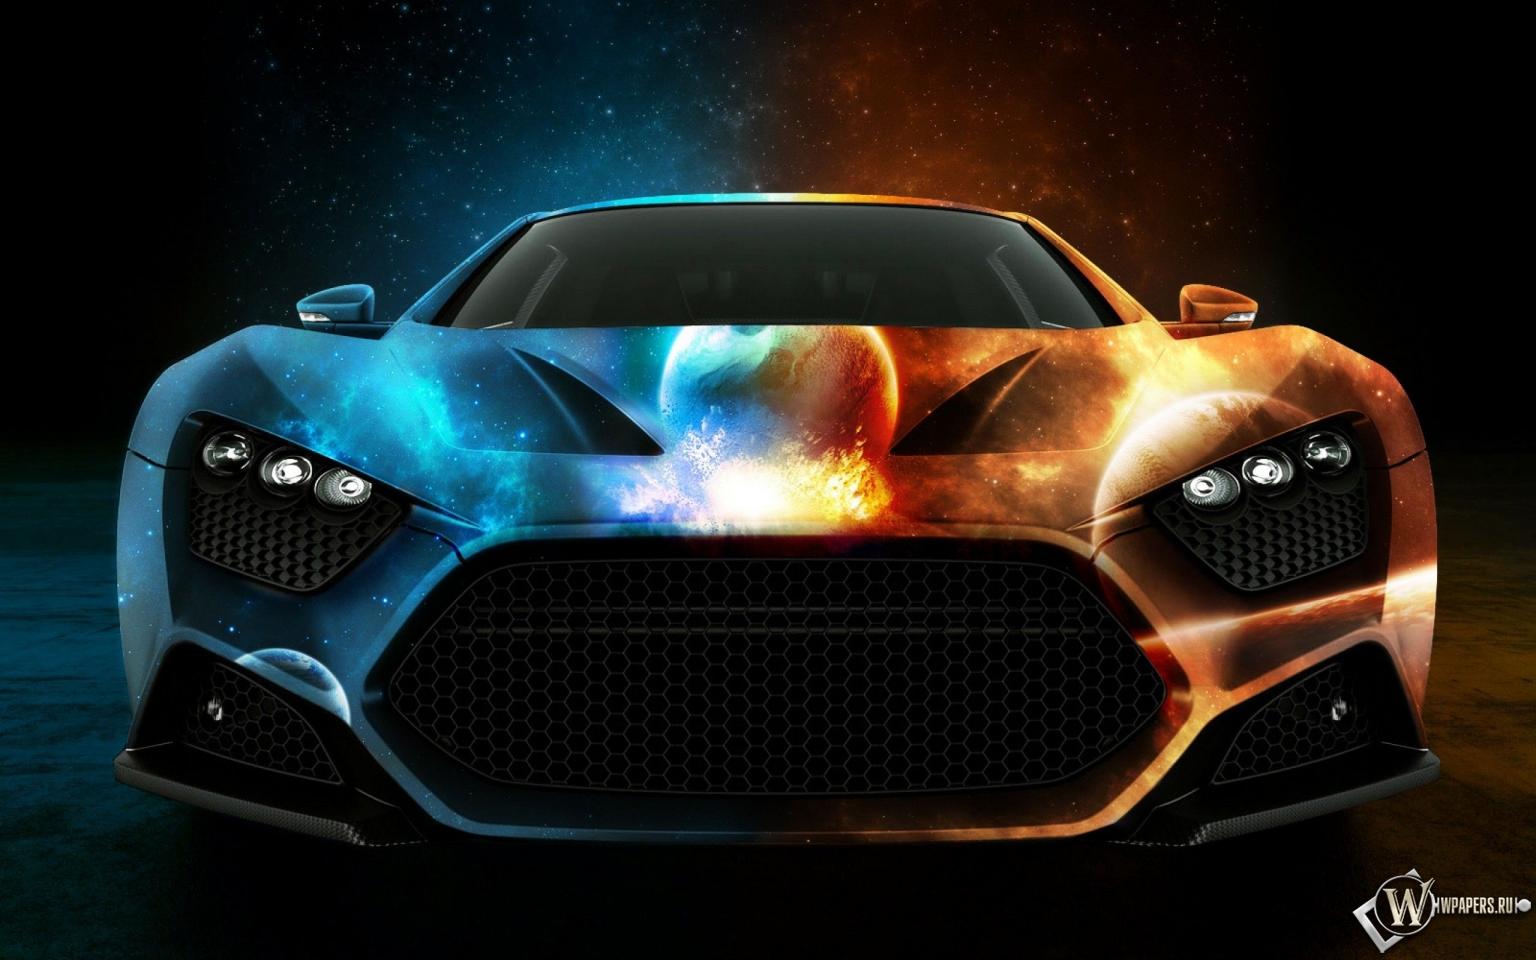 Машина двух миров 1536x960